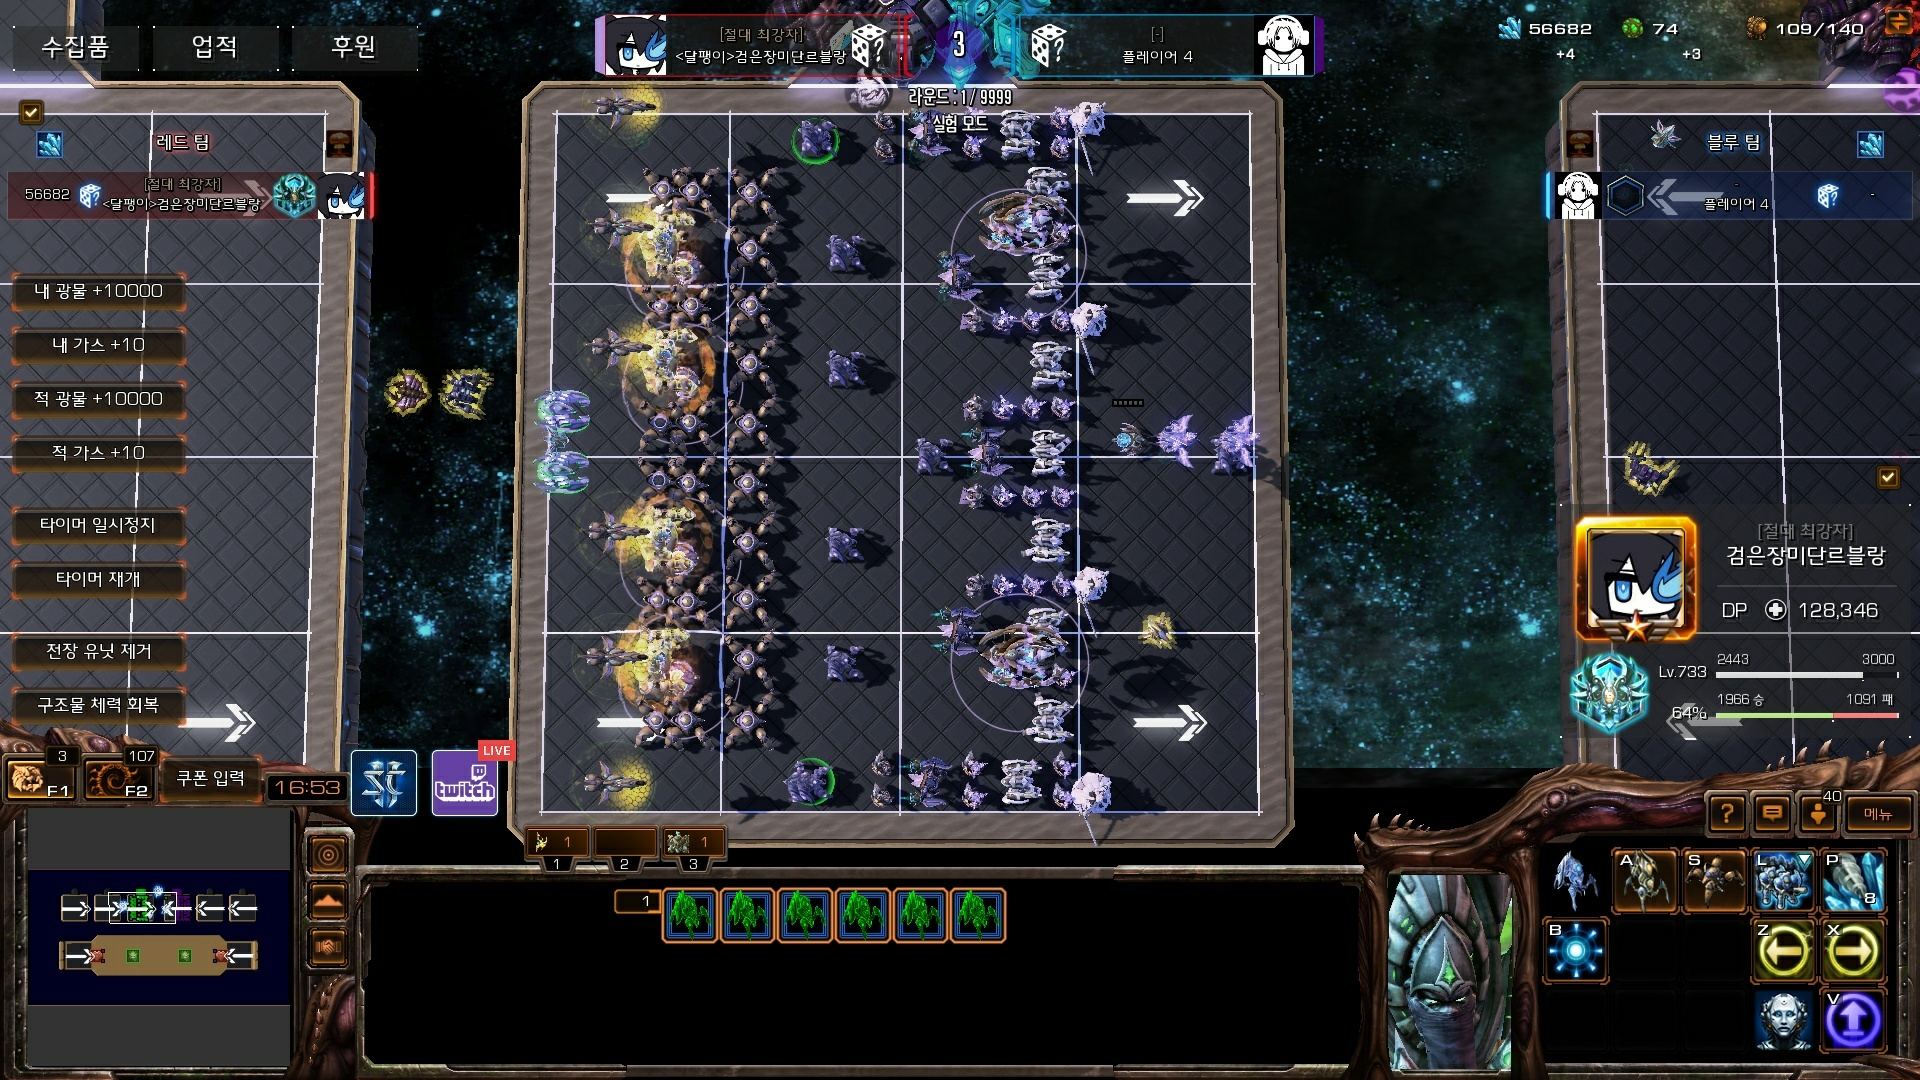 Screenshot2020-02-15 18_18_43.jpg